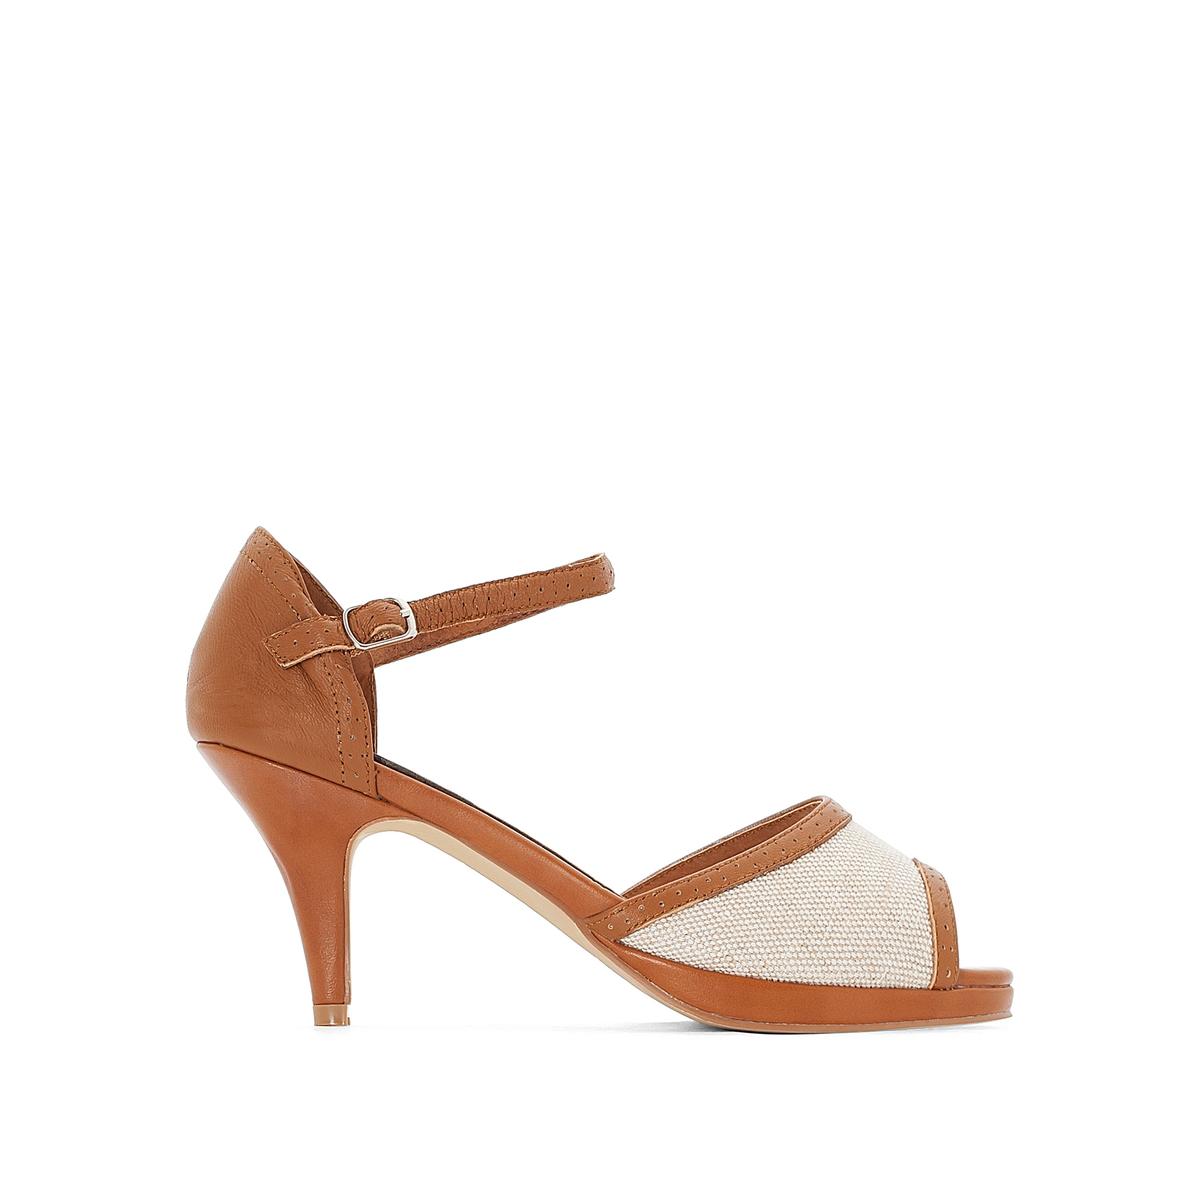 цены на Туфли кожаные на высоком каблуке в интернет-магазинах